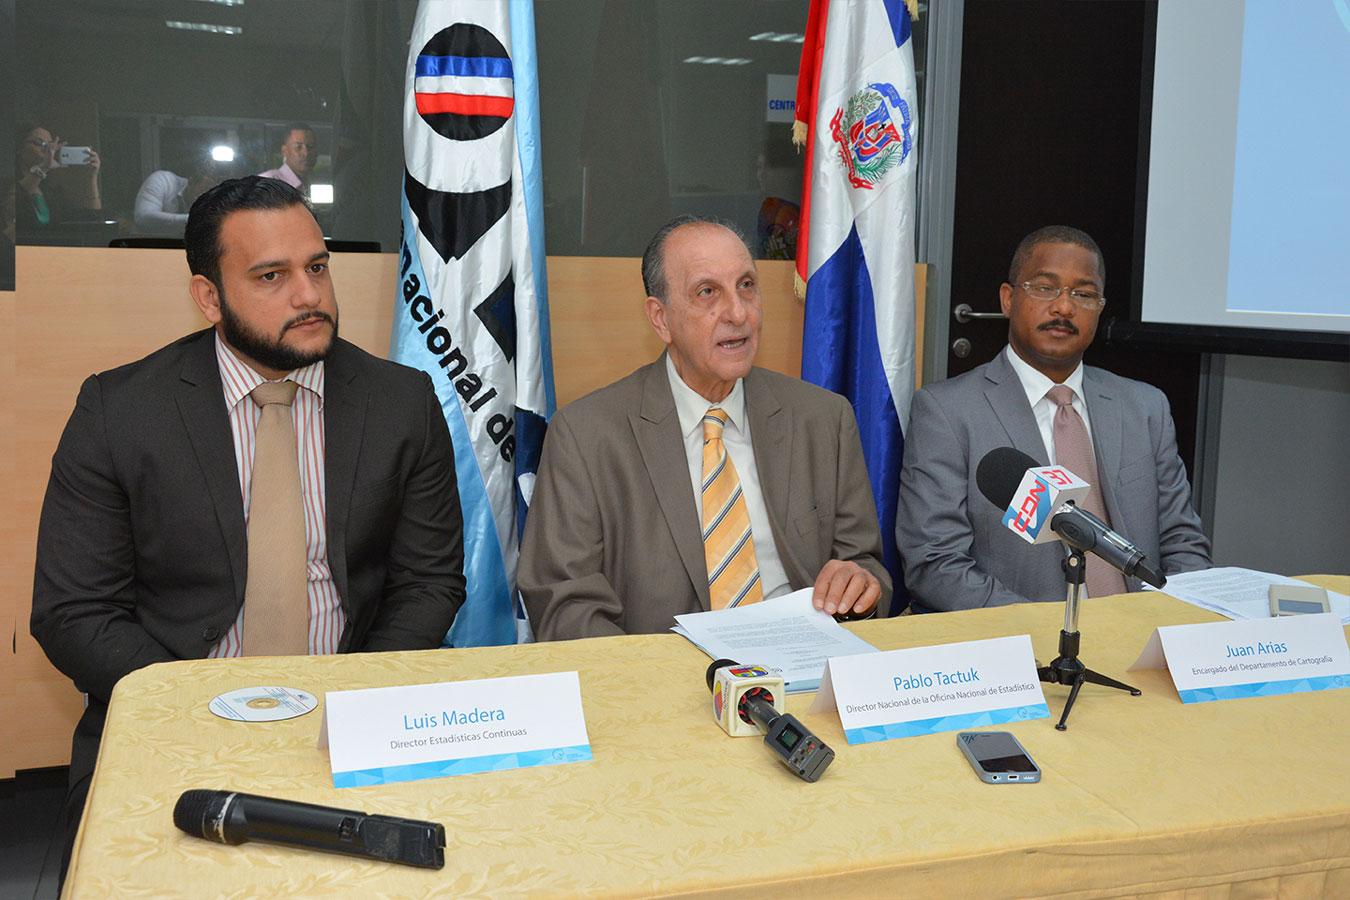 Pablo Tactuk considera que no es saludable seguir dividiendo más el territorio dominicano. En la mesa, además, Luis Madera y Juan Arias.| Gabriel Alcántara